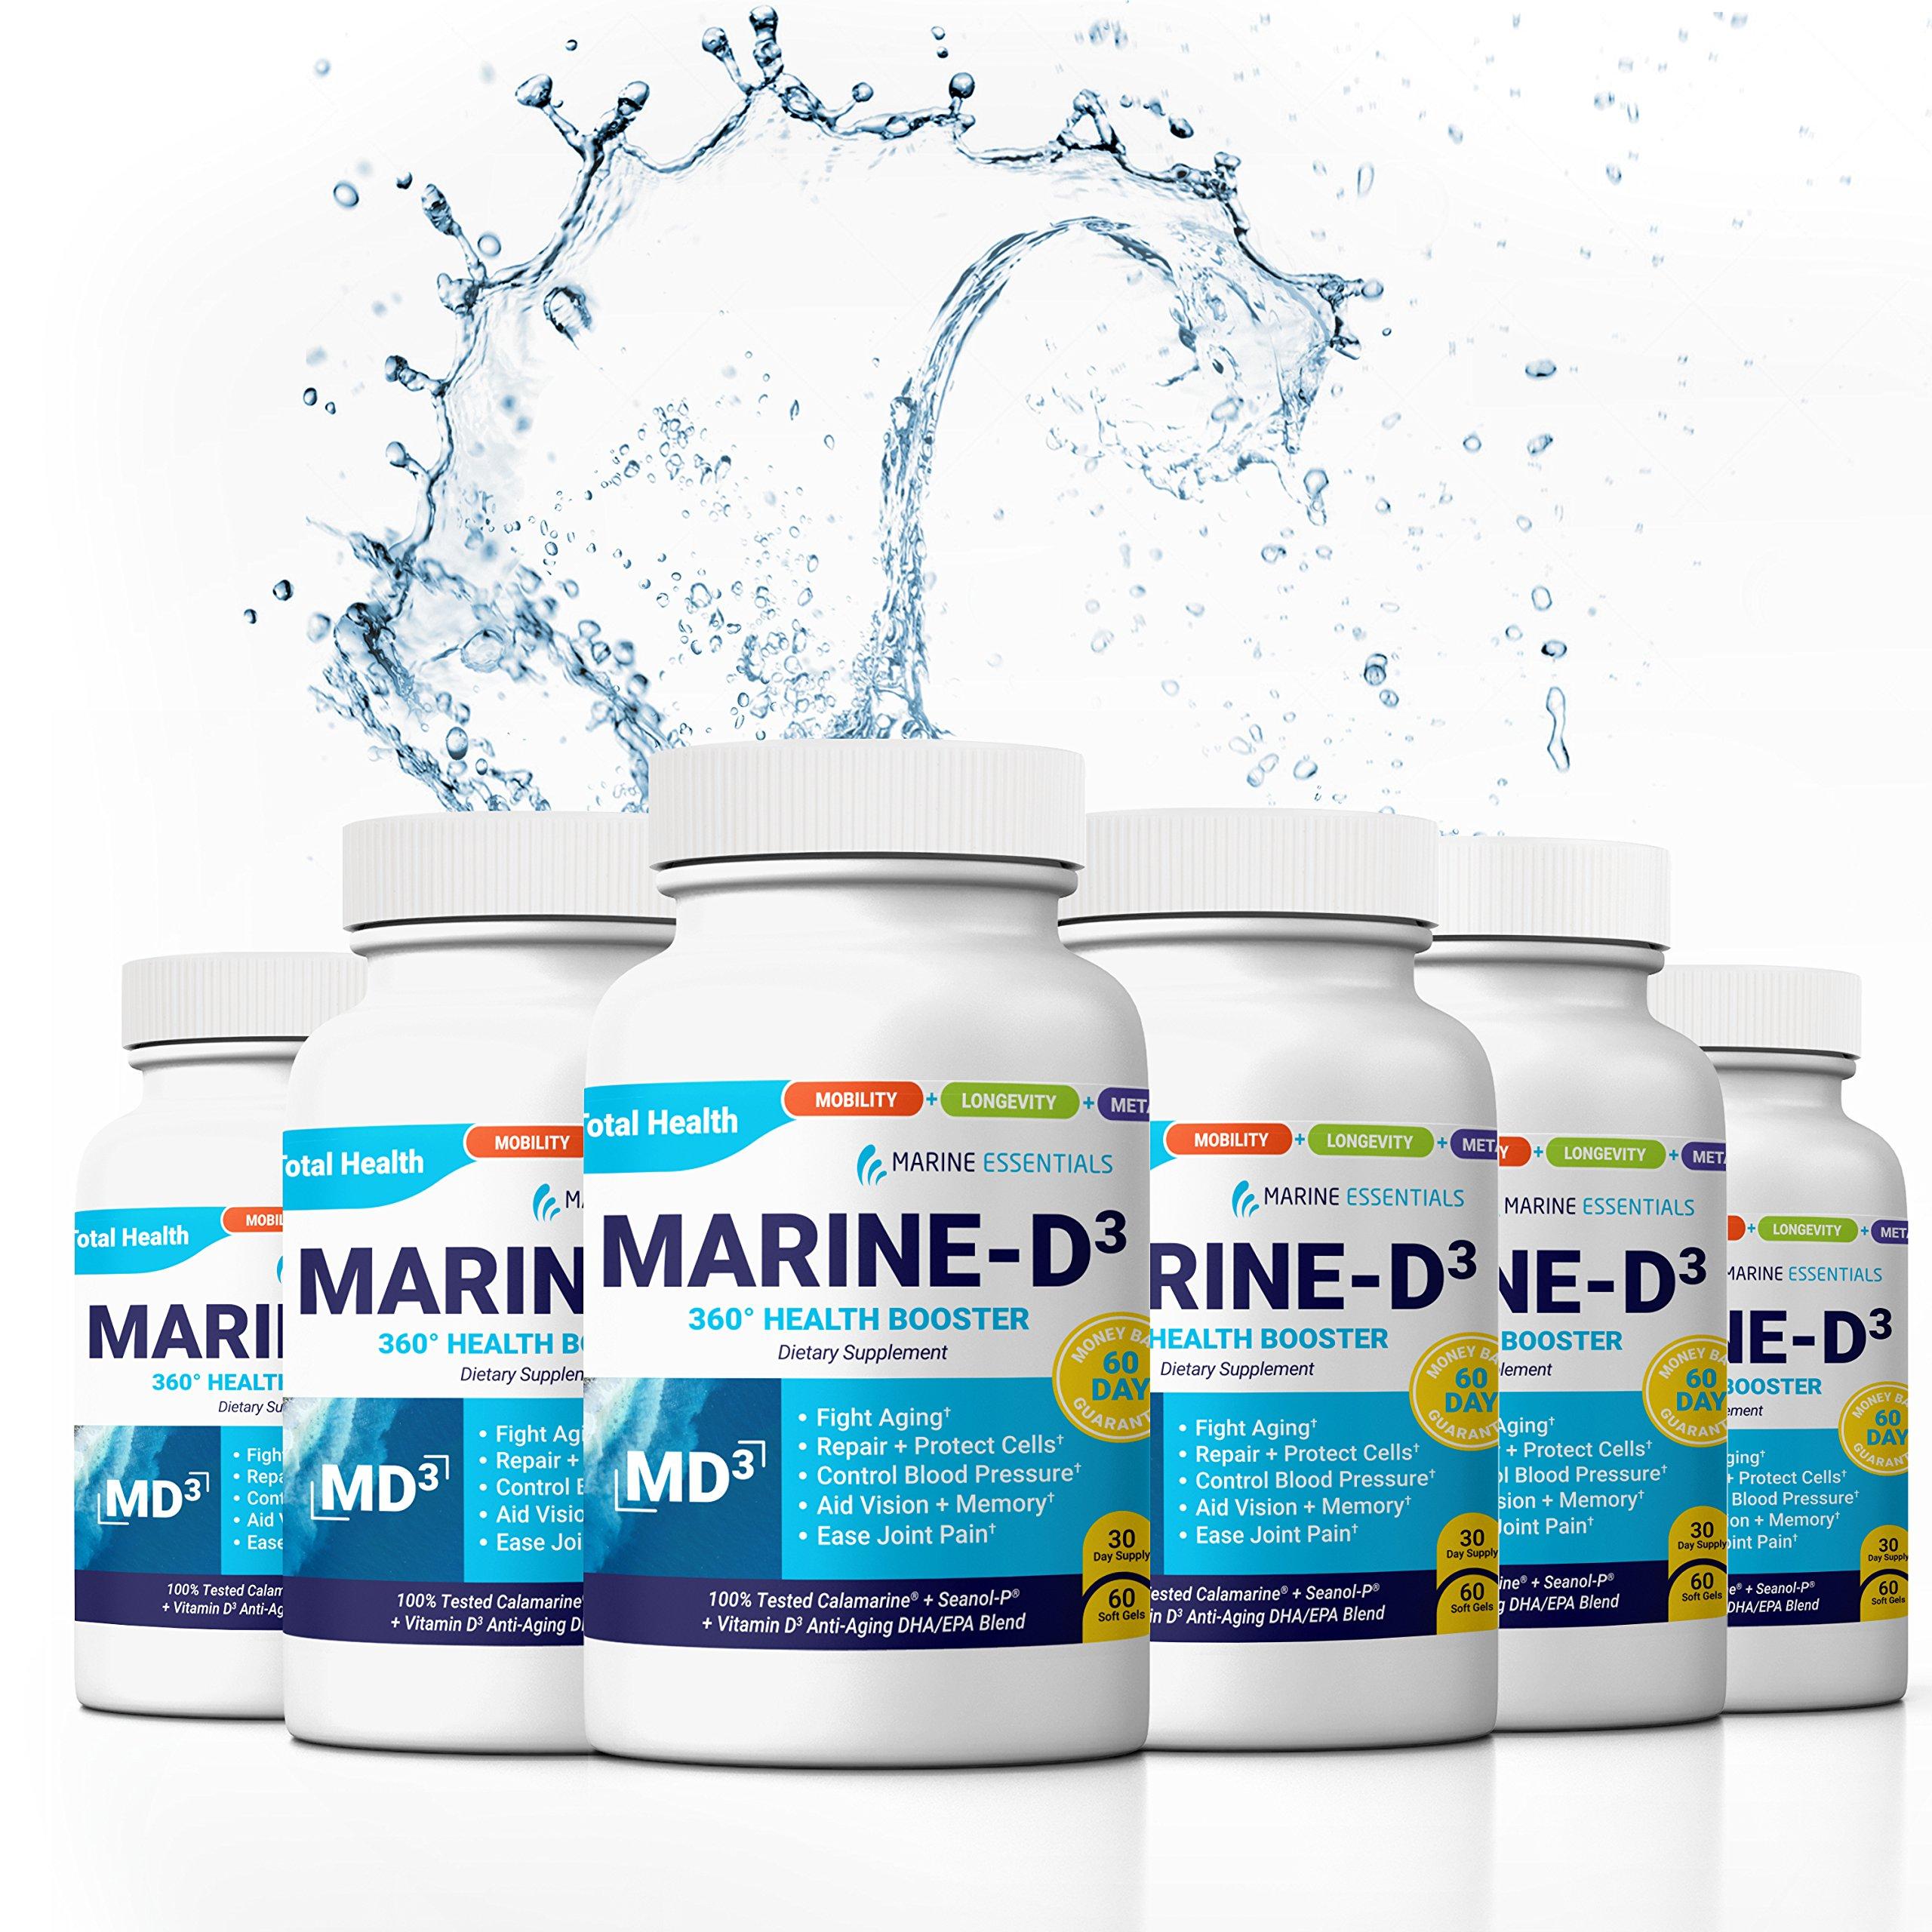 Marine Essentials Vitamin D3 Omega 3 Fish Oil - ''Marine-D3'' 340mg Vitamin D3 DHA Anti Aging Omega 3 Fish Oil Dietary Supplement (360 Capsules) by Marine Essentials